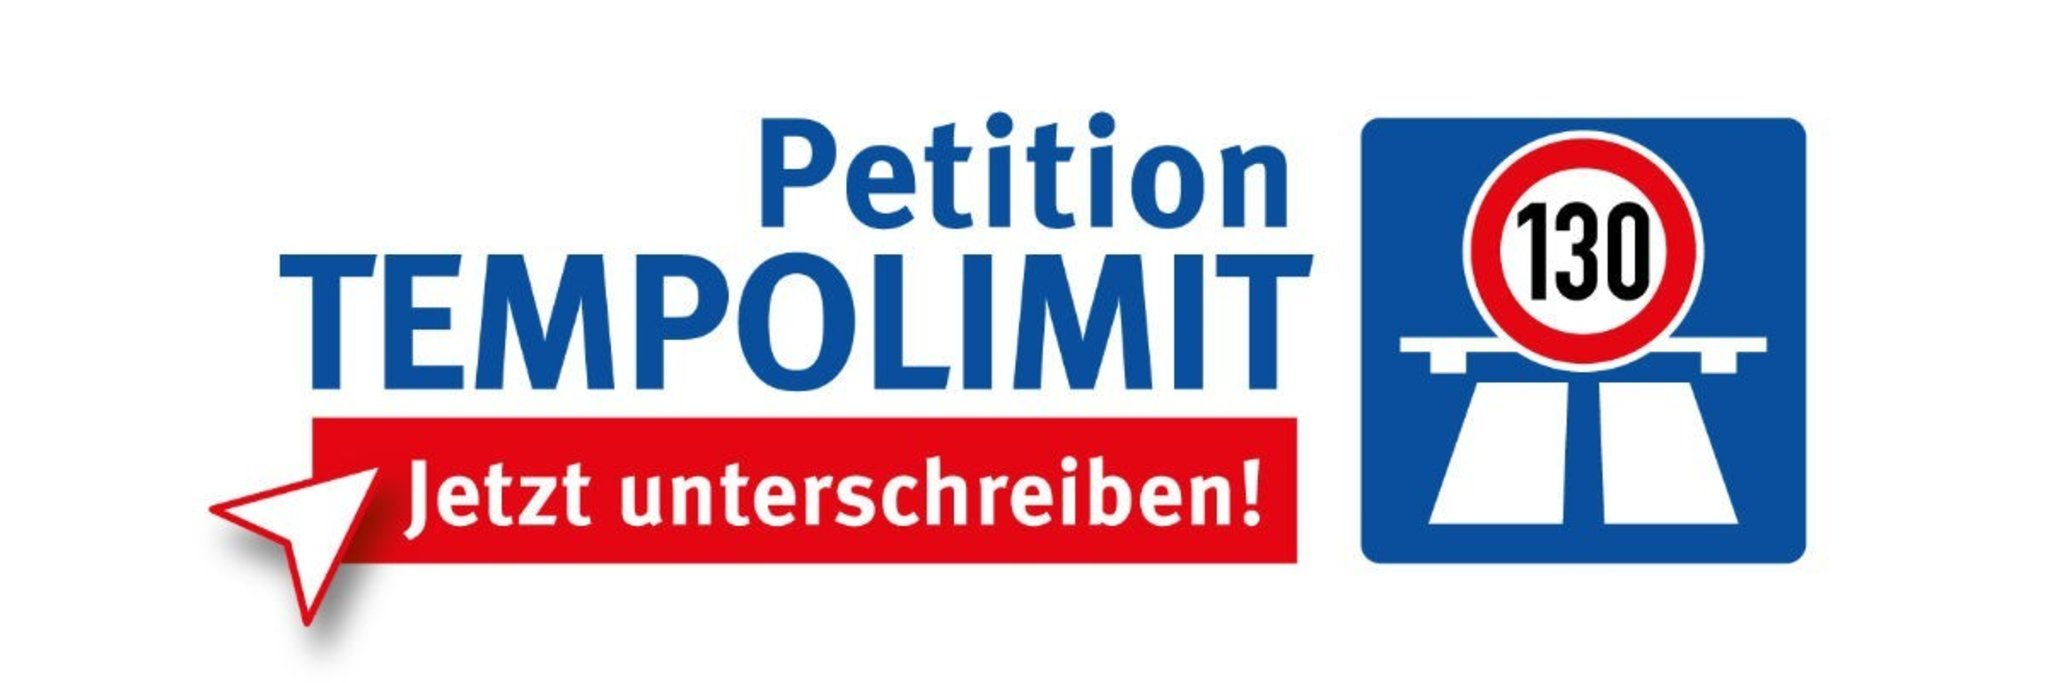 Bistum Trier Karte.Ekm Tempolimit Bistum Trier Unterstützt Initiative Für Tempolimit